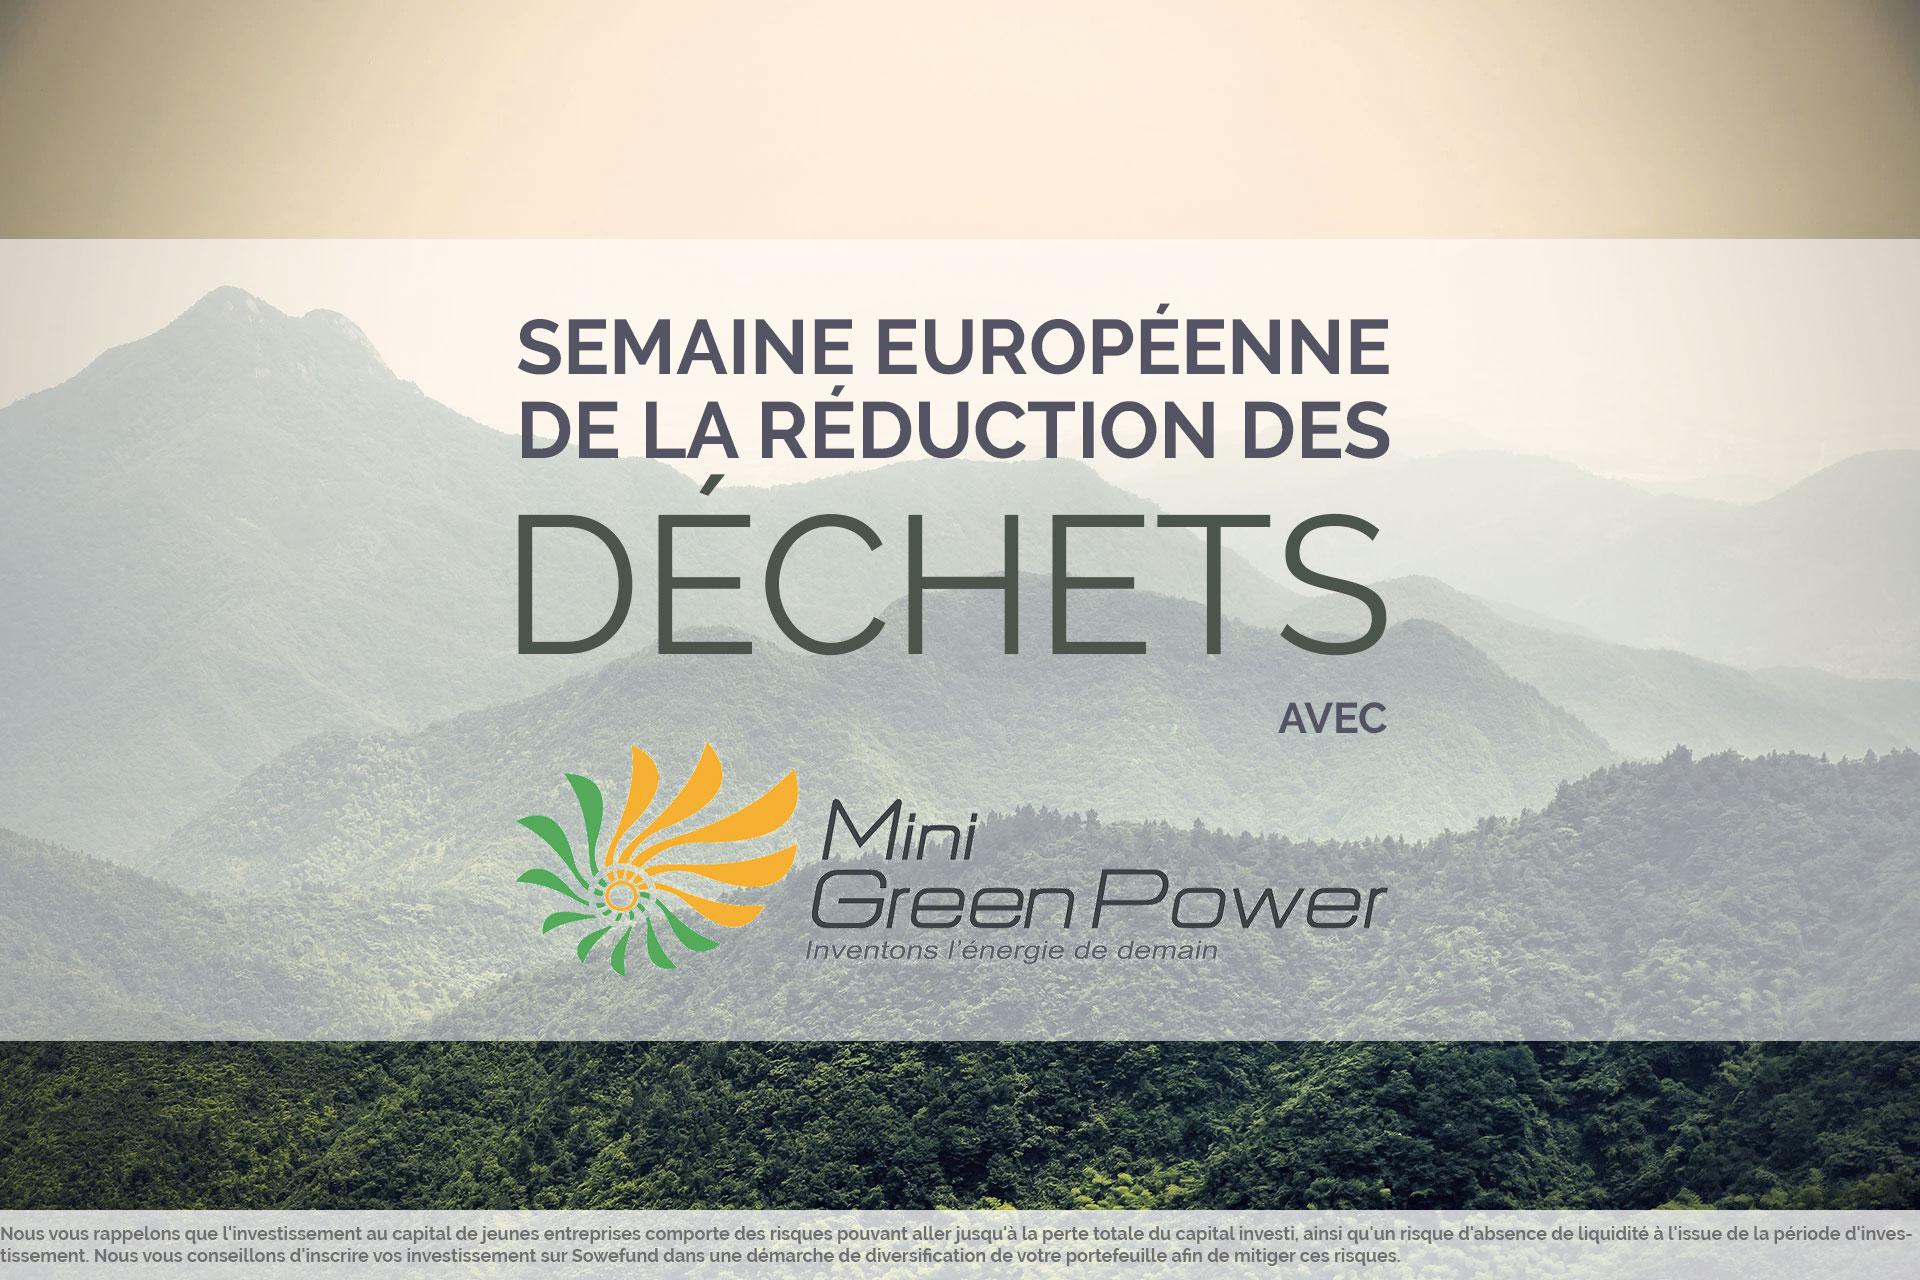 SEMAINE EUROPÉENNE DE LA RÉDUCTION DES DÉCHETS : LA STARTUP MINI GREEN POWER EN LUMIÈRE